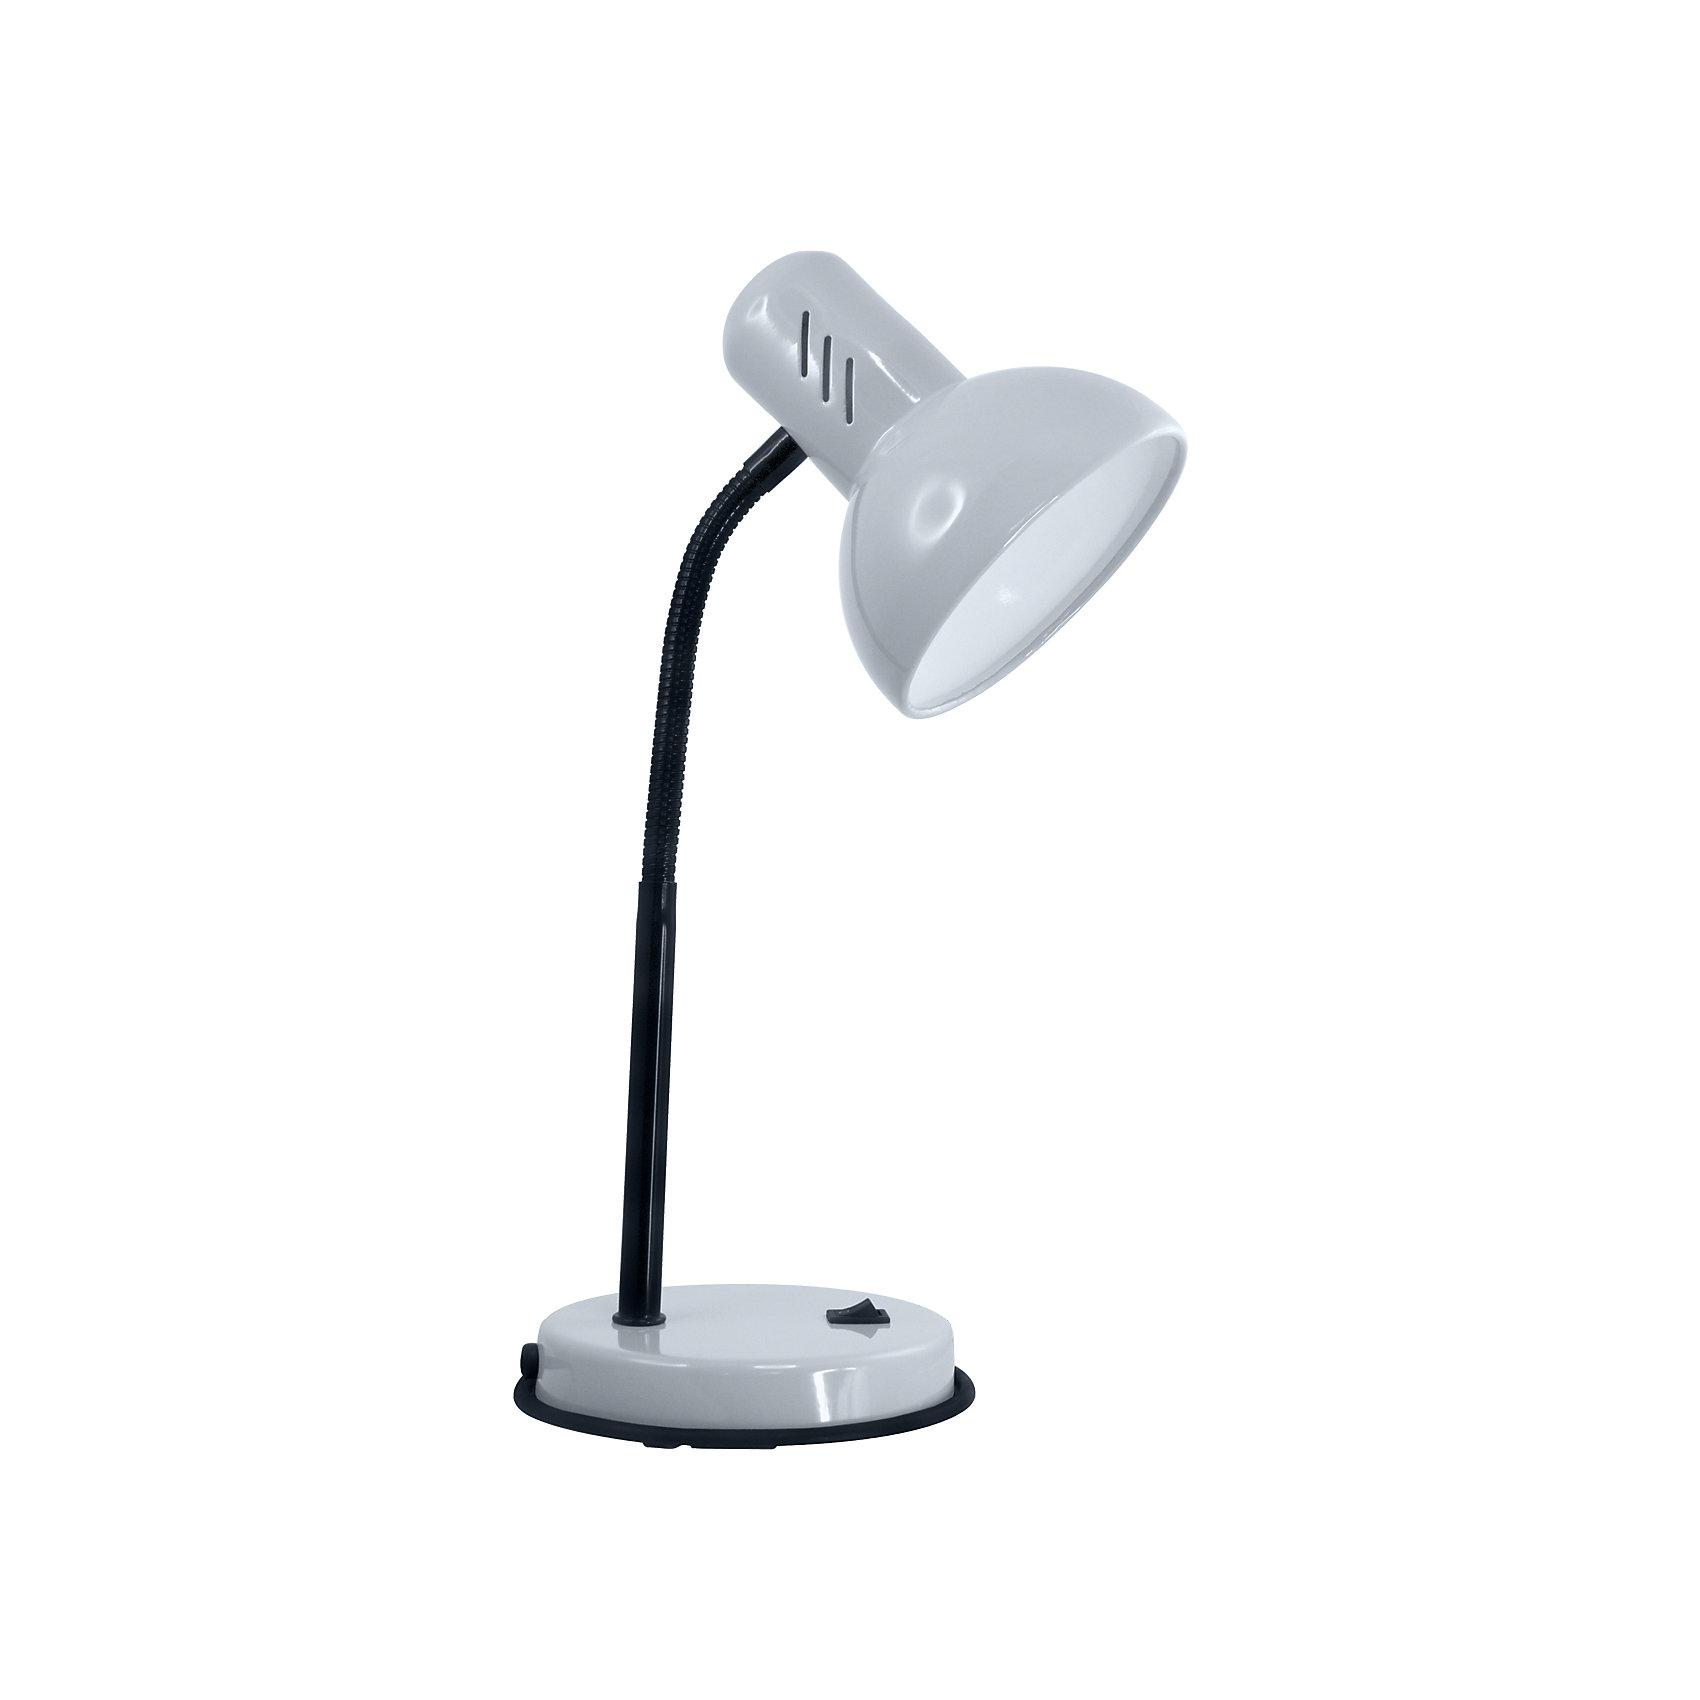 Серый светильник, 40 ВтСерый светильник, 40 Вт – это классический светильник для освещения рабочего стола.<br>Серый светильник классического дизайна идеально подойдет для освещения рабочего места дома и в офисе. Плафон изготовлен из облегчённого металла, покрыт специальной устойчивой эмалью. Патрон светильника прочно закреплён, изготовлен из керамики. Сетевой шнур с вилкой длиной 1,8м. имеет двойную изоляцию, не требует заземления. Вилка изготовлена из пластичного материала, предотвращающего появление трещин. Светильник удобен и практичен в использовании.<br><br>Дополнительная информация: <br><br>- Материал плафона: металл<br>- Цвет: серый<br>- Питание: от сети 220В<br>- Тип цоколя: E27<br>- Мощность лампы: 40 Вт<br>- Длина шнура питания с вилкой: 1,8 м.<br>- Размер светильника: 16х30х13,3 см.<br>- Размер упаковки: 26х22,5х16,3 см.<br>- Вес: 860 гр.<br><br>Серый светильник, 40 Вт можно купить в нашем интернет-магазине.<br><br>Ширина мм: 260<br>Глубина мм: 225<br>Высота мм: 163<br>Вес г: 860<br>Возраст от месяцев: 36<br>Возраст до месяцев: 192<br>Пол: Унисекс<br>Возраст: Детский<br>SKU: 4641469